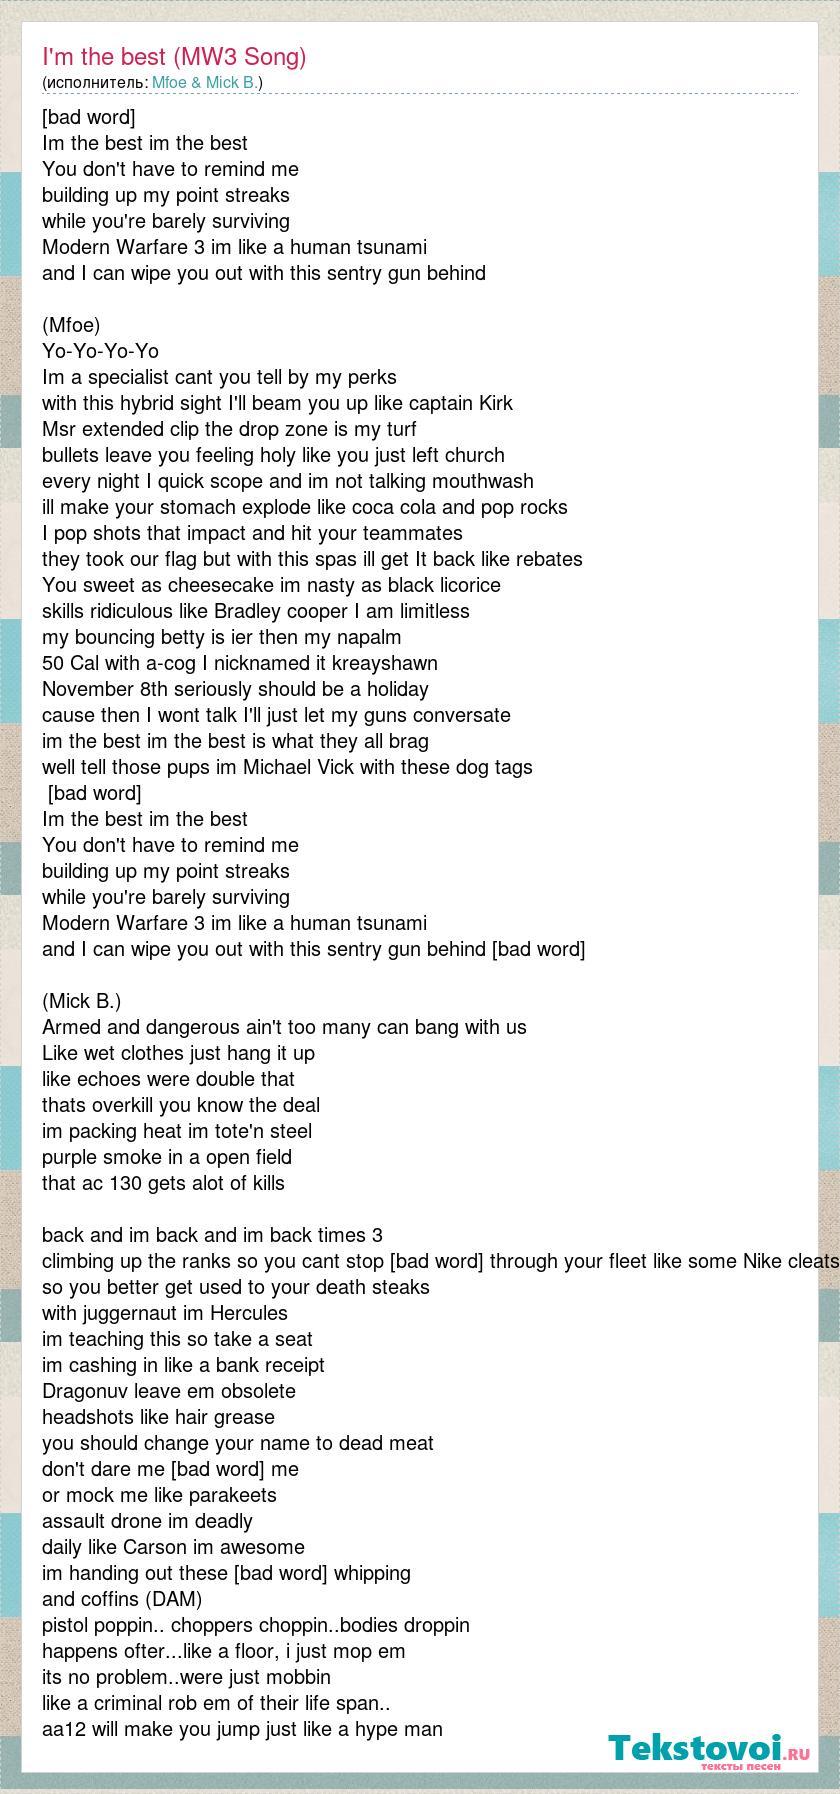 Mfoe & Mick B : I'm the best (MW3 Song) слова песни